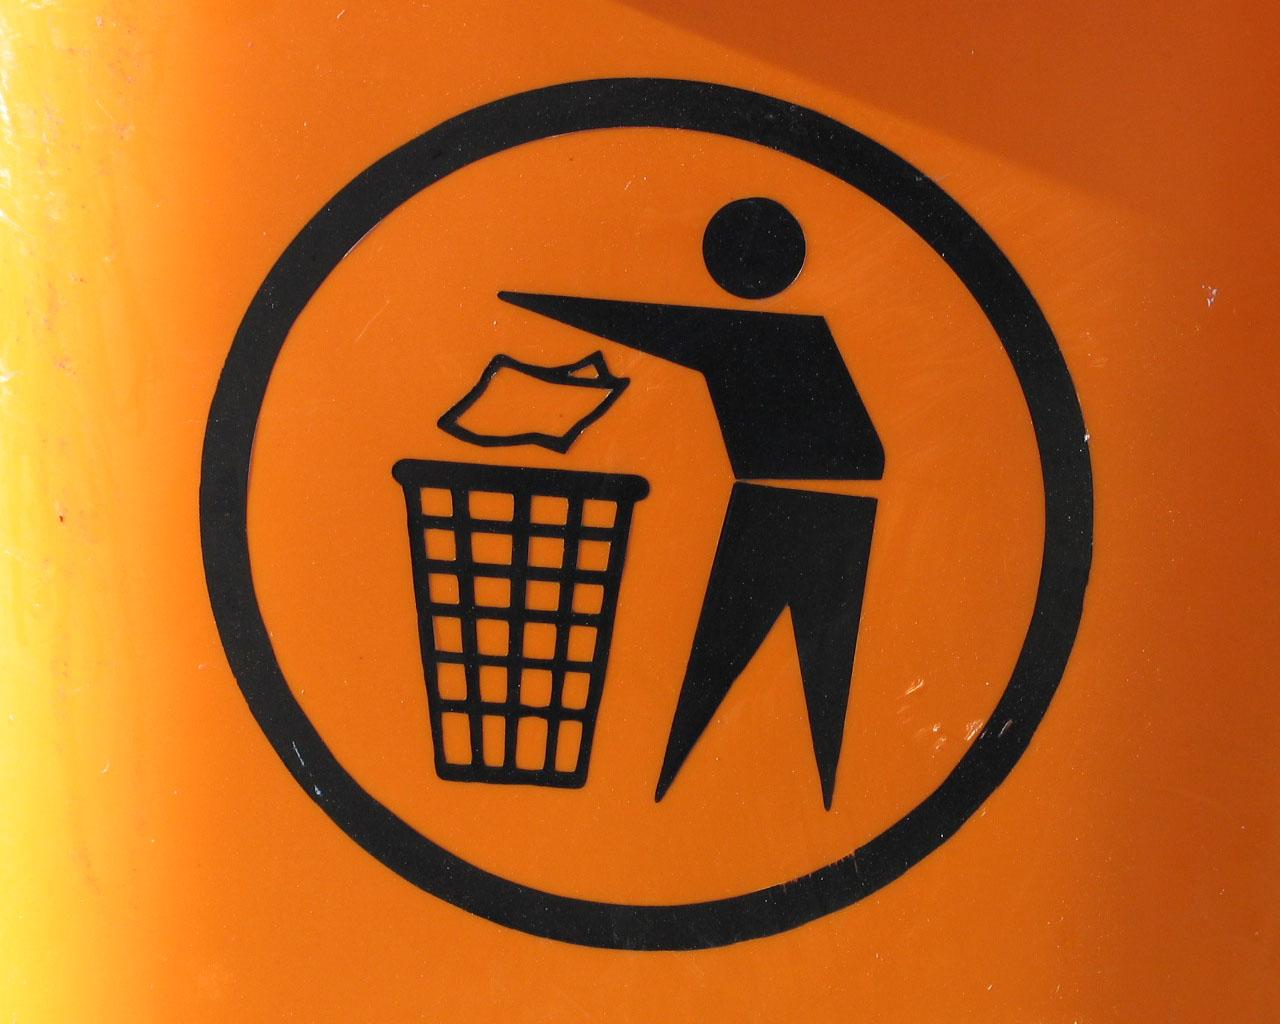 Nowe terminy odbioru odpadów komunalnych